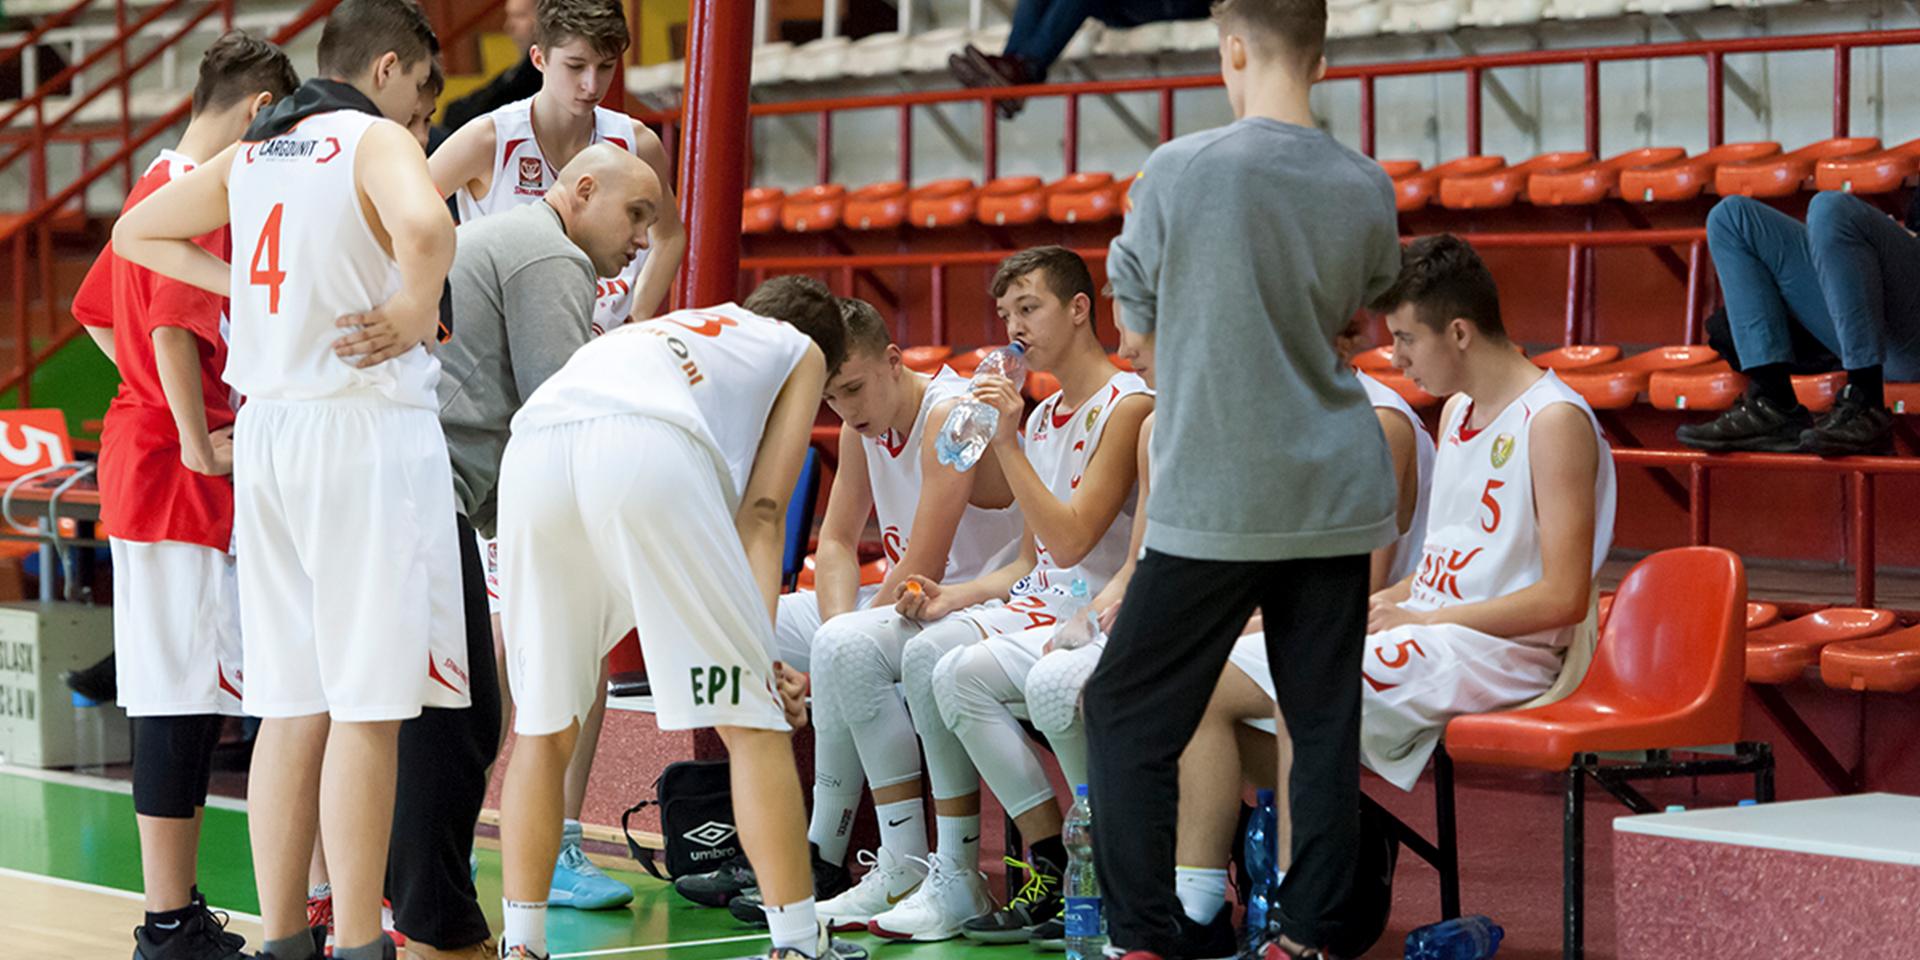 sekcja-koszykowki-organizatorem-mistrzostw-polski-do-lat-16